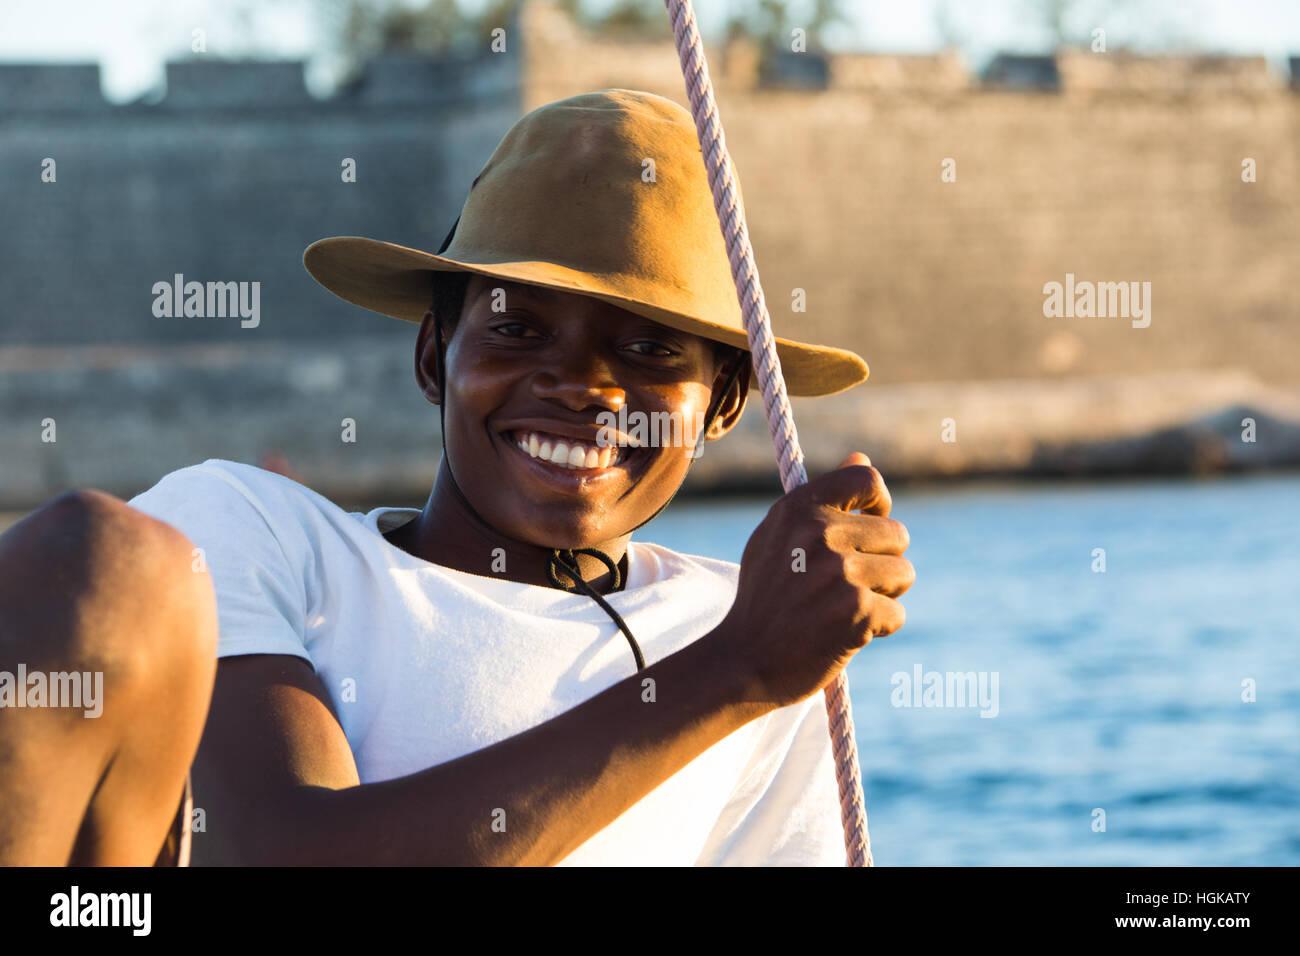 Giovane uomo su un dhow davanti al forte, Isola di Mozambico (Ilha de Mocambique), Mozambico Immagini Stock